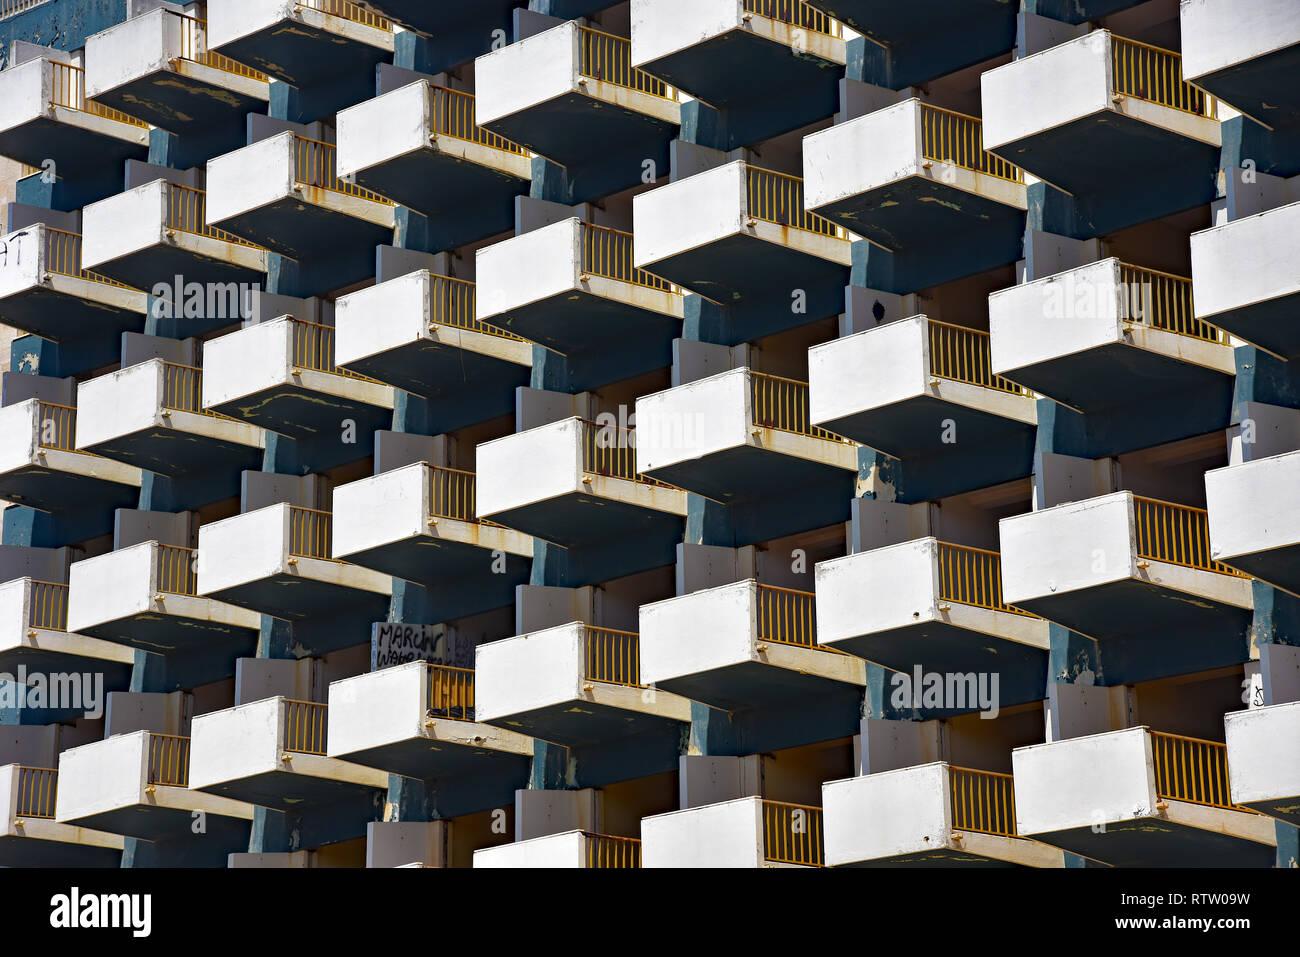 """Balconi sul fallimento """" Hotel Golfinho', una volta che il flamboyant hotel, ma ora un obbrobrio e abbandonati per anni. Lagos, Algarve, Portogallo. Immagini Stock"""